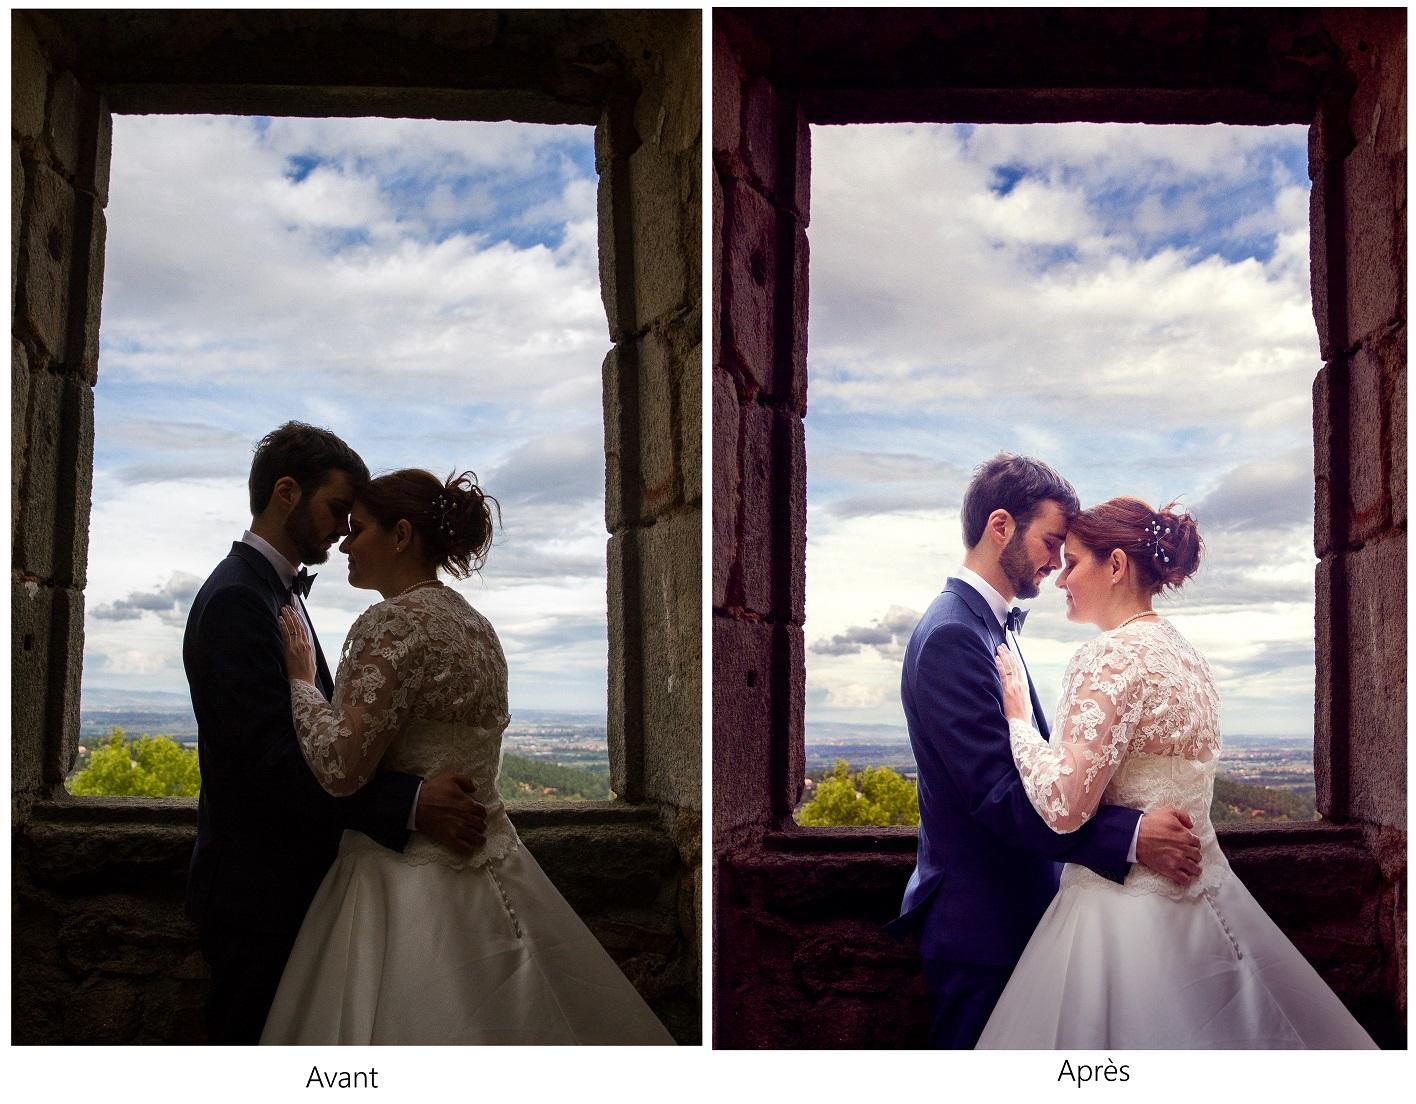 Mariage, photo de couple, chateau, Loire, Reportage de mariage, Rhône Alpes, mariage Rhône alpes, mariage Loire